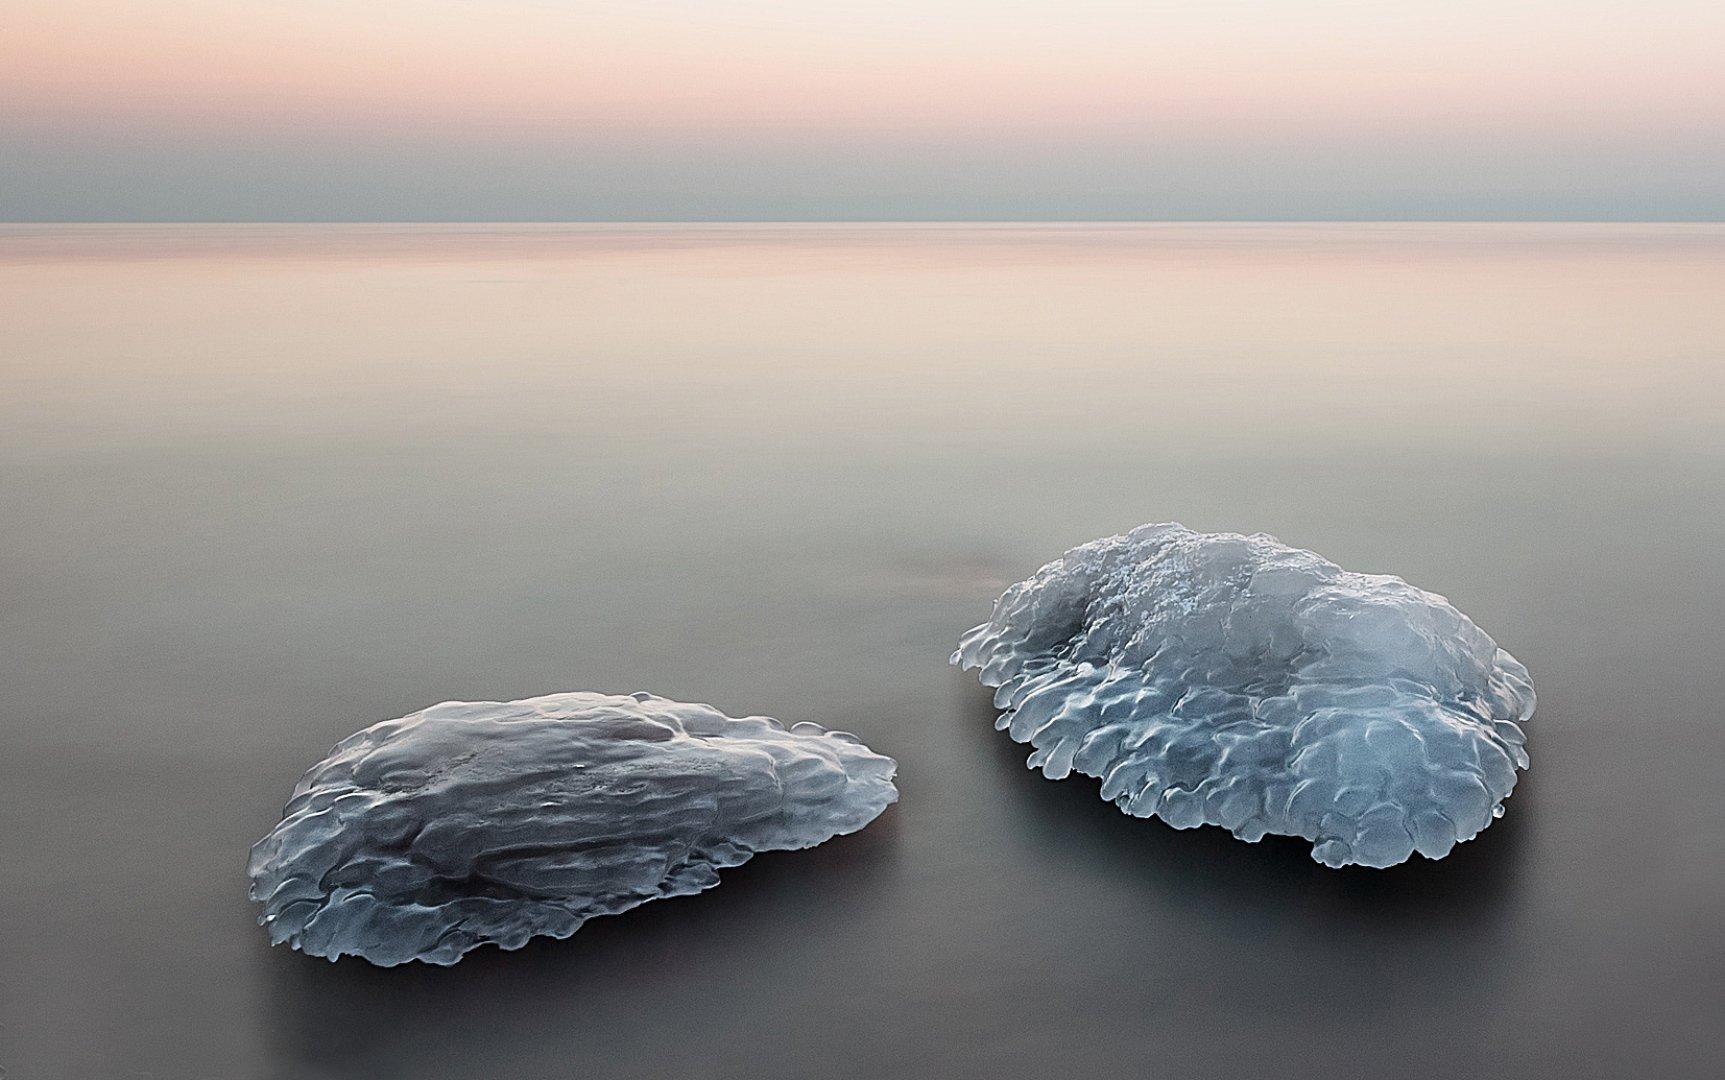 Камни, Лед, Море, Olegs Patrejevs